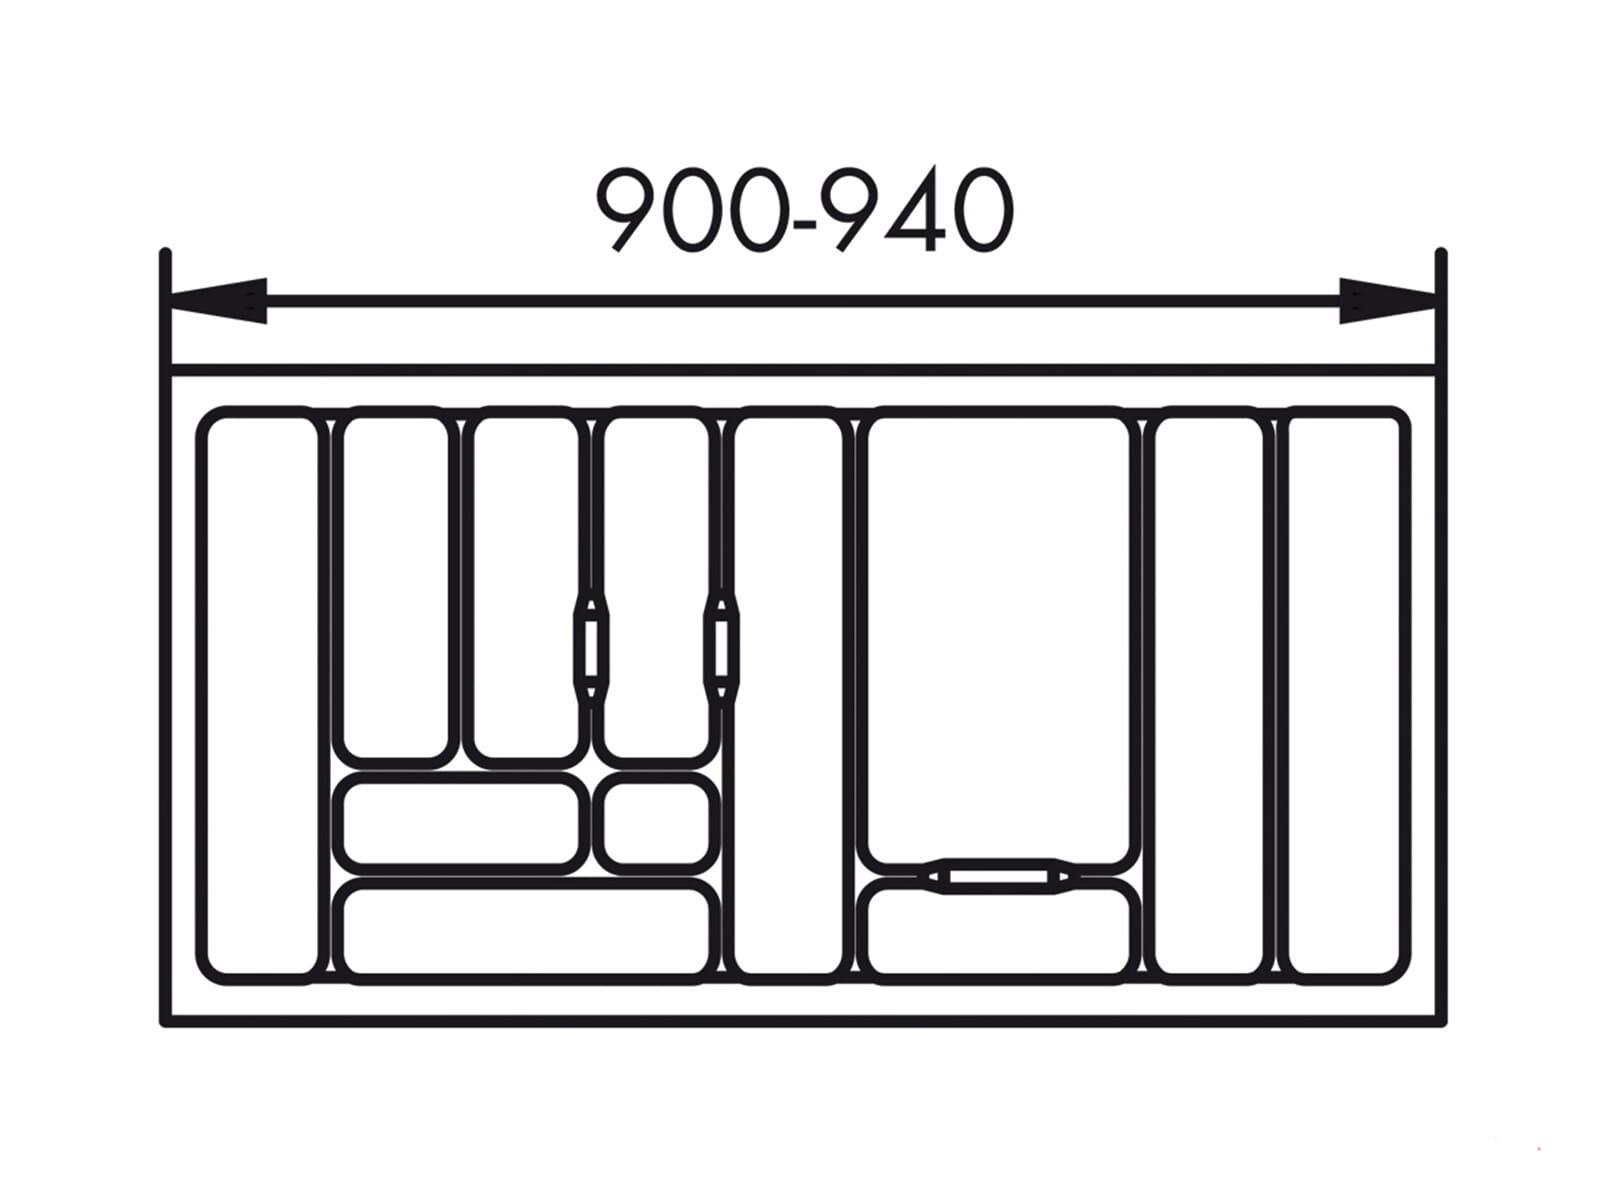 Naber 803.4.132 Besteckeinsatz 1 100er Breite